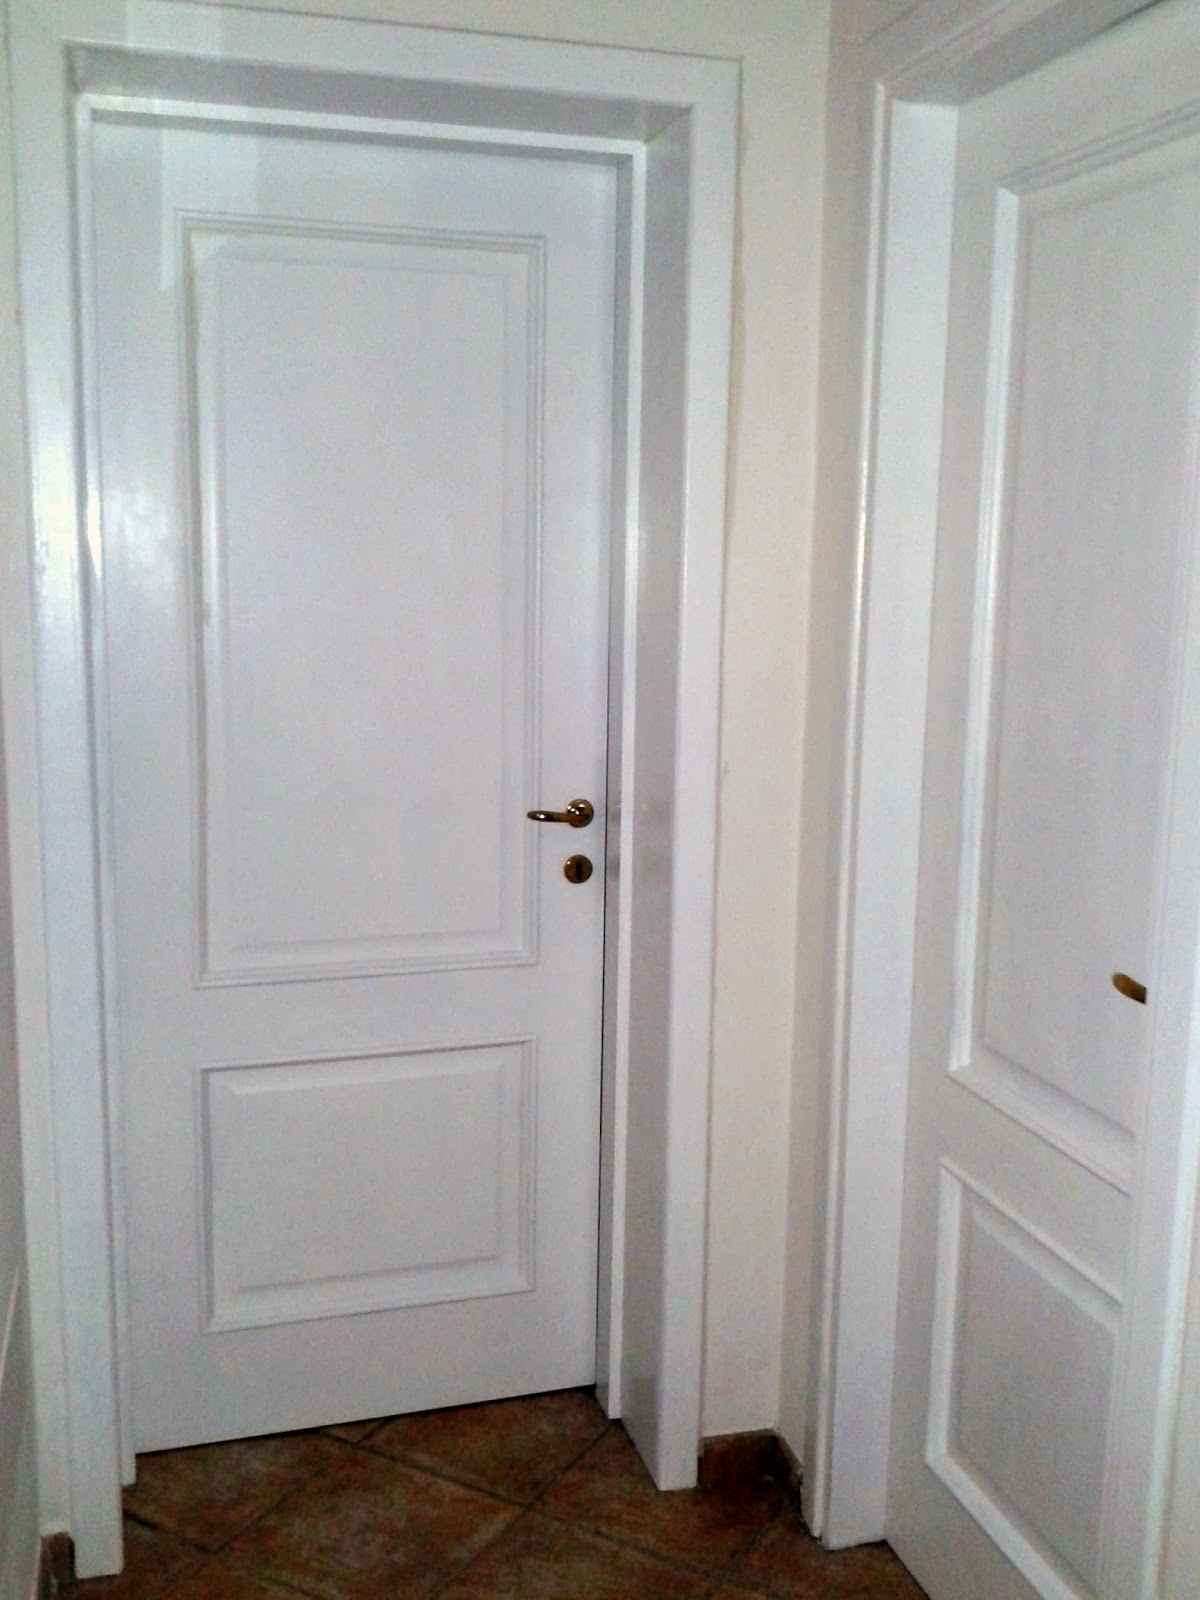 In pigiama come rinnovare le porte di casa - Rinnovare porte interne tamburate ...